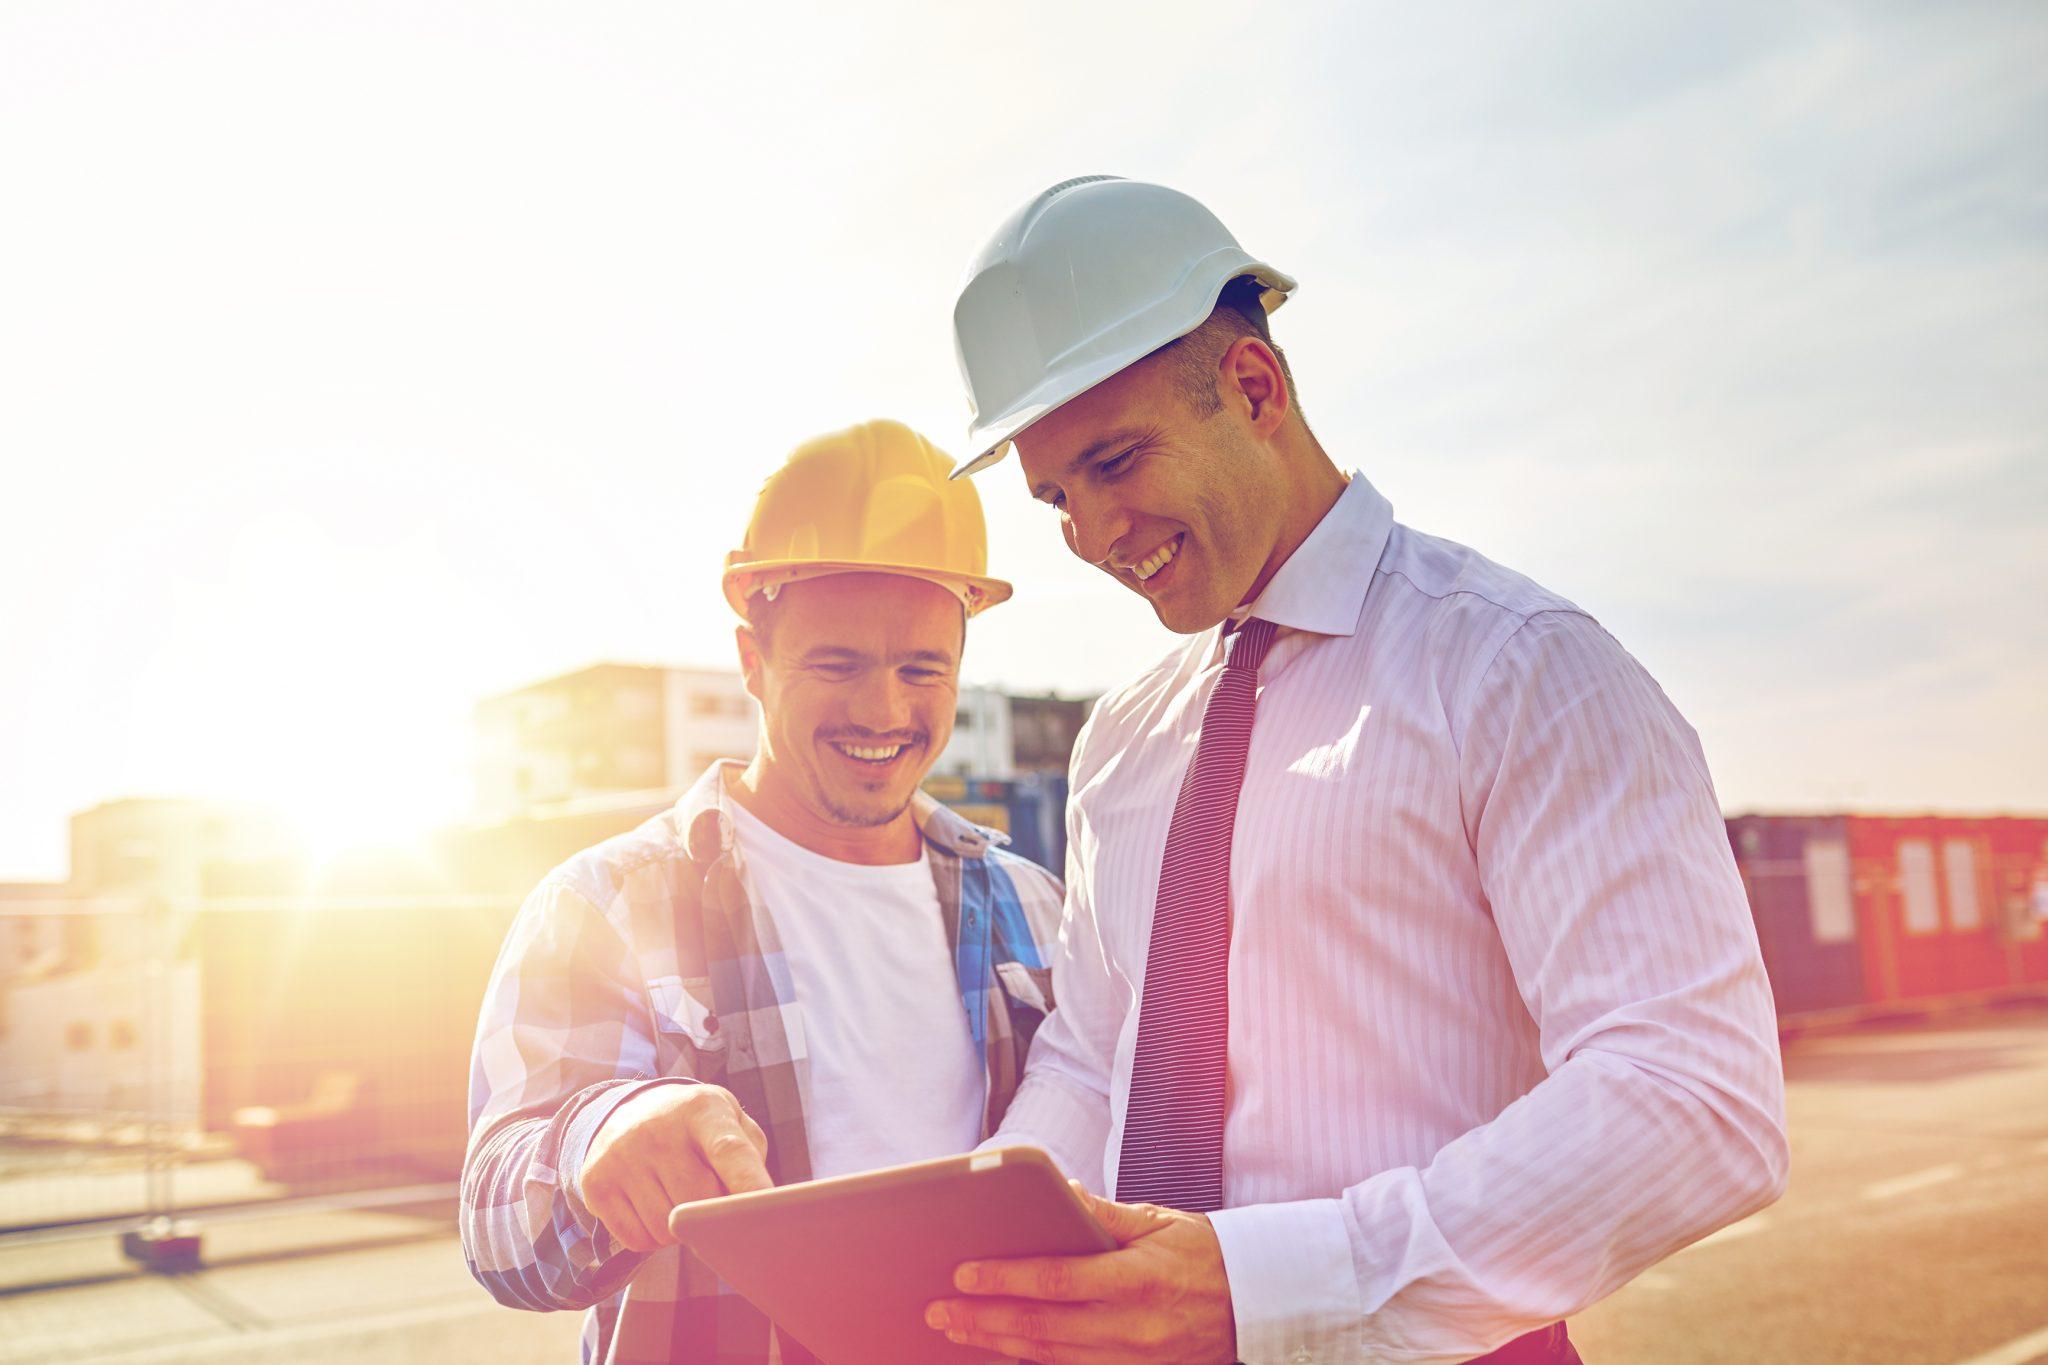 Bilde av to CFOer i entreprenørbransjen som står ute å ser på et nettbrett